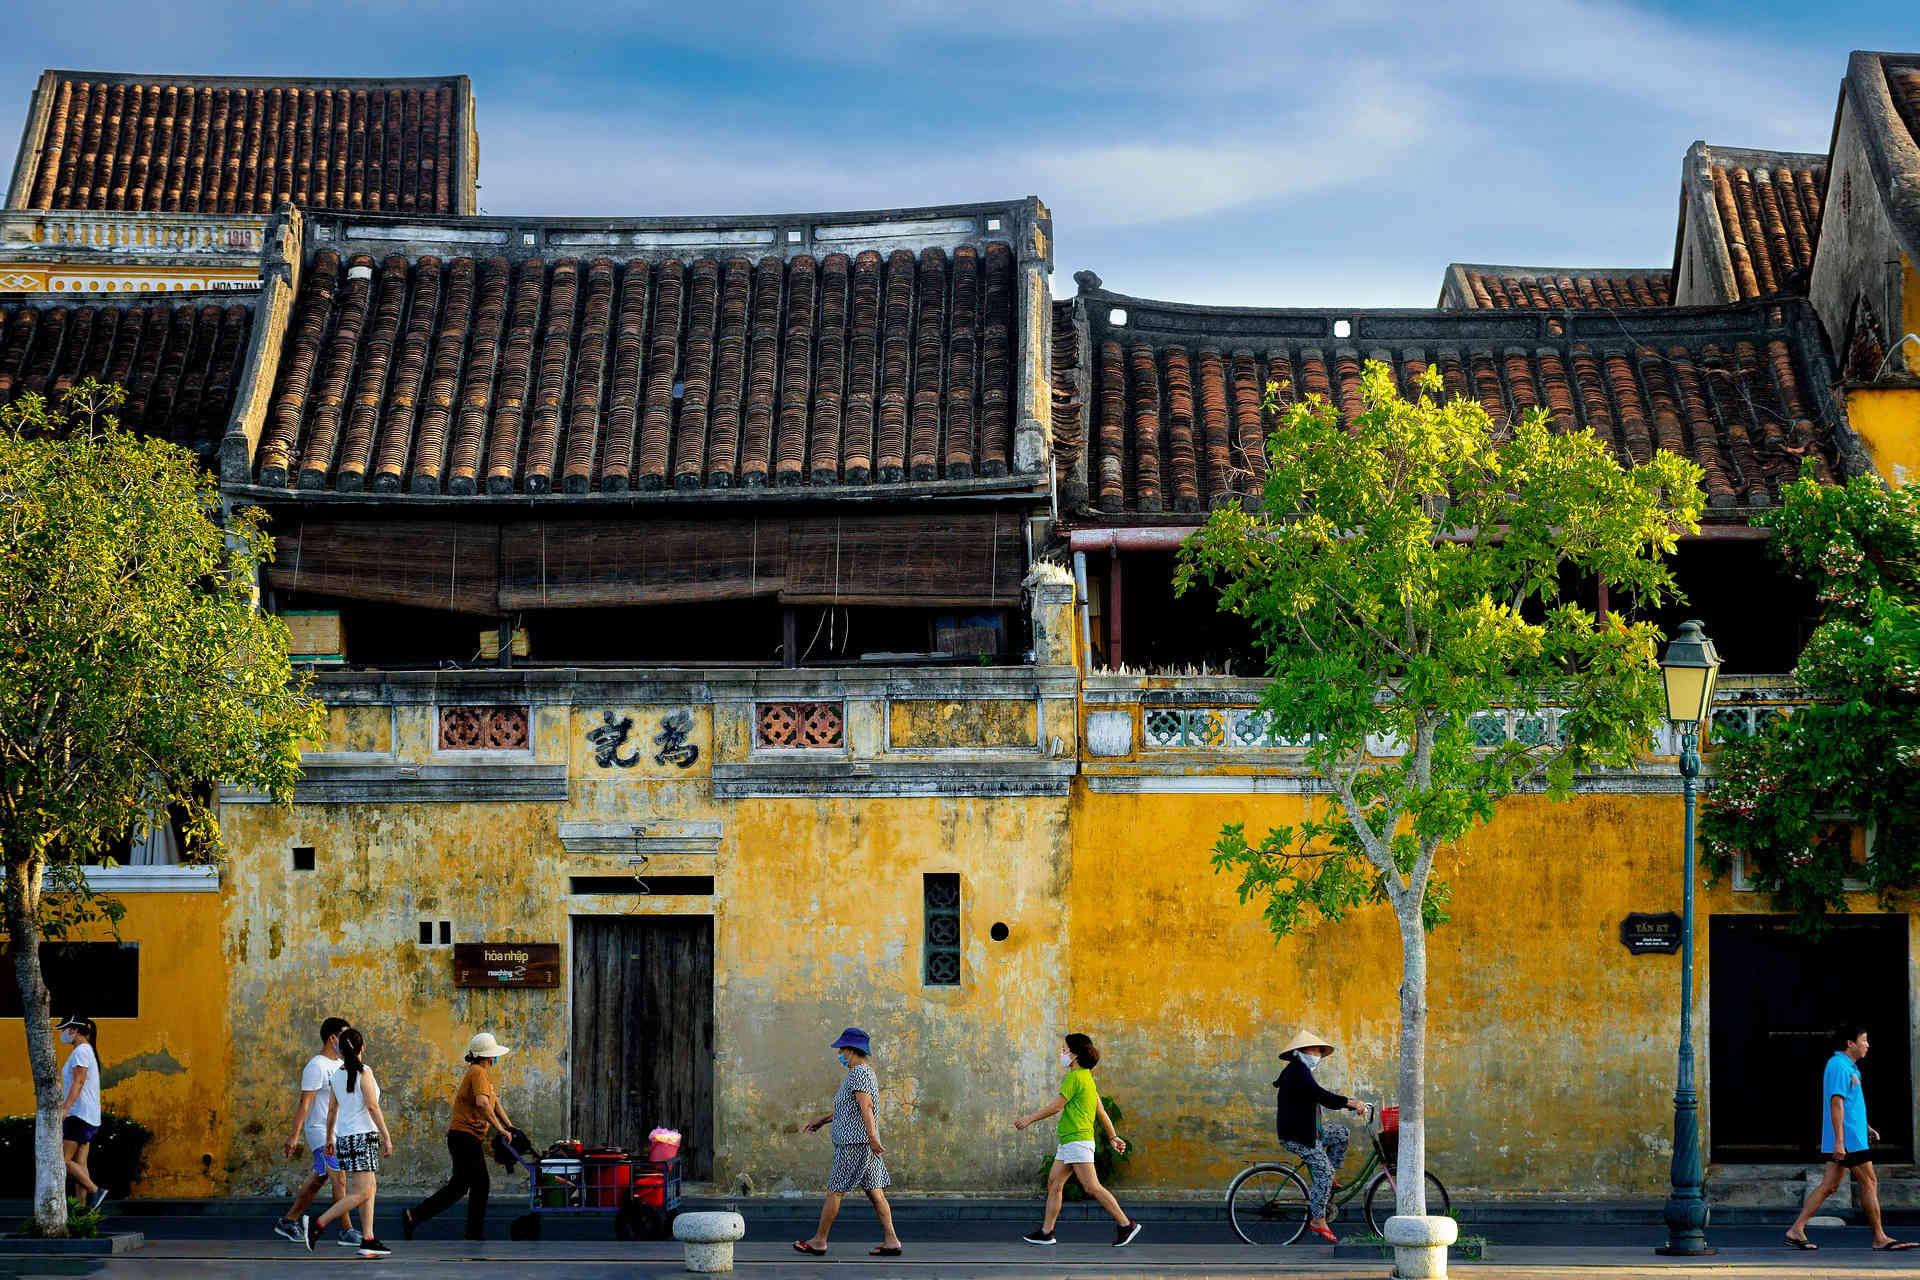 People Street Hoi An Vietnam